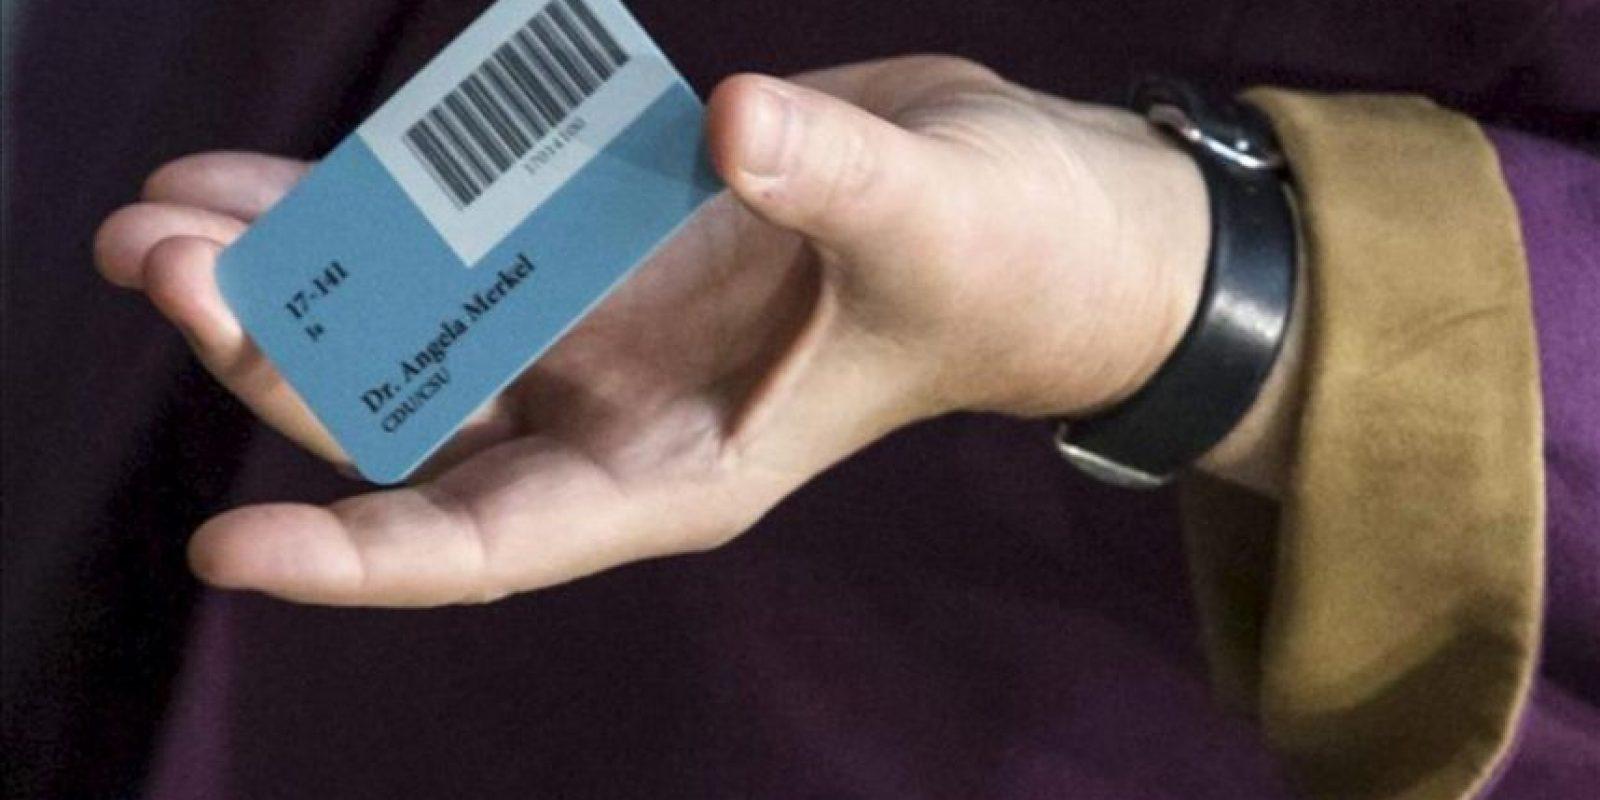 La canciller alemana, Angela Merkel, sujeta su tarjeta de voto parlamentario antes de votar en el Bundestag (Cámara Baja) de Berlín, en Alemania. EFE